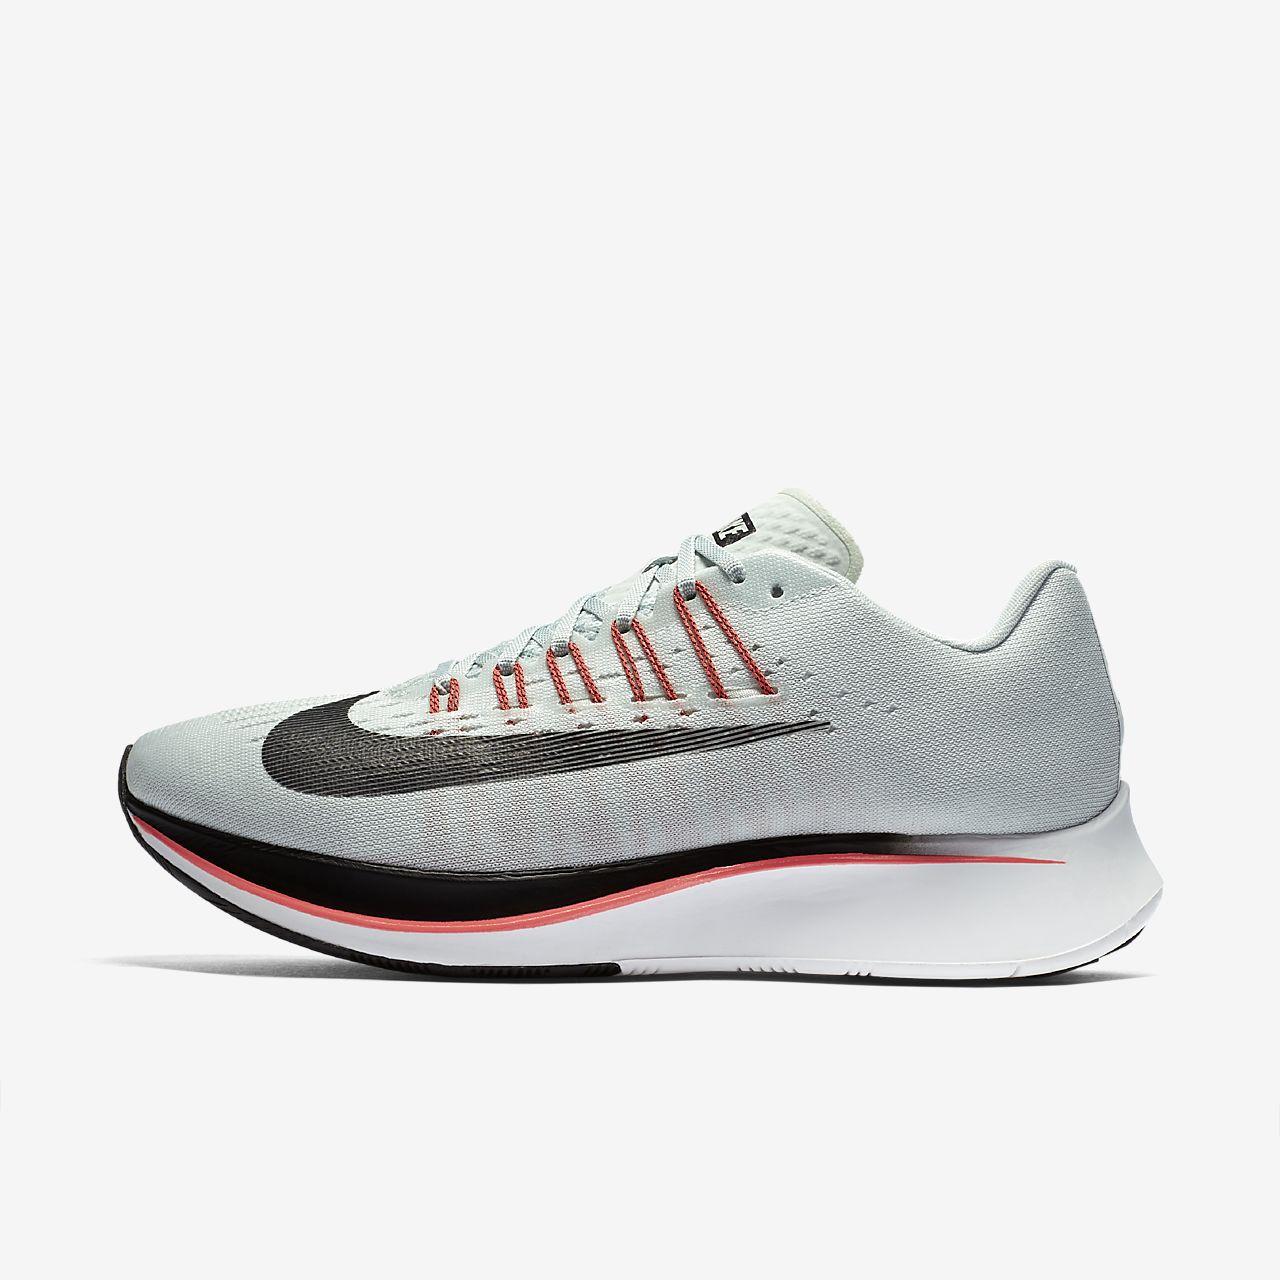 a65d998ca5c0 รองเท้าวิ่งผู้ชาย Nike Zoom Fly. Nike.com TH